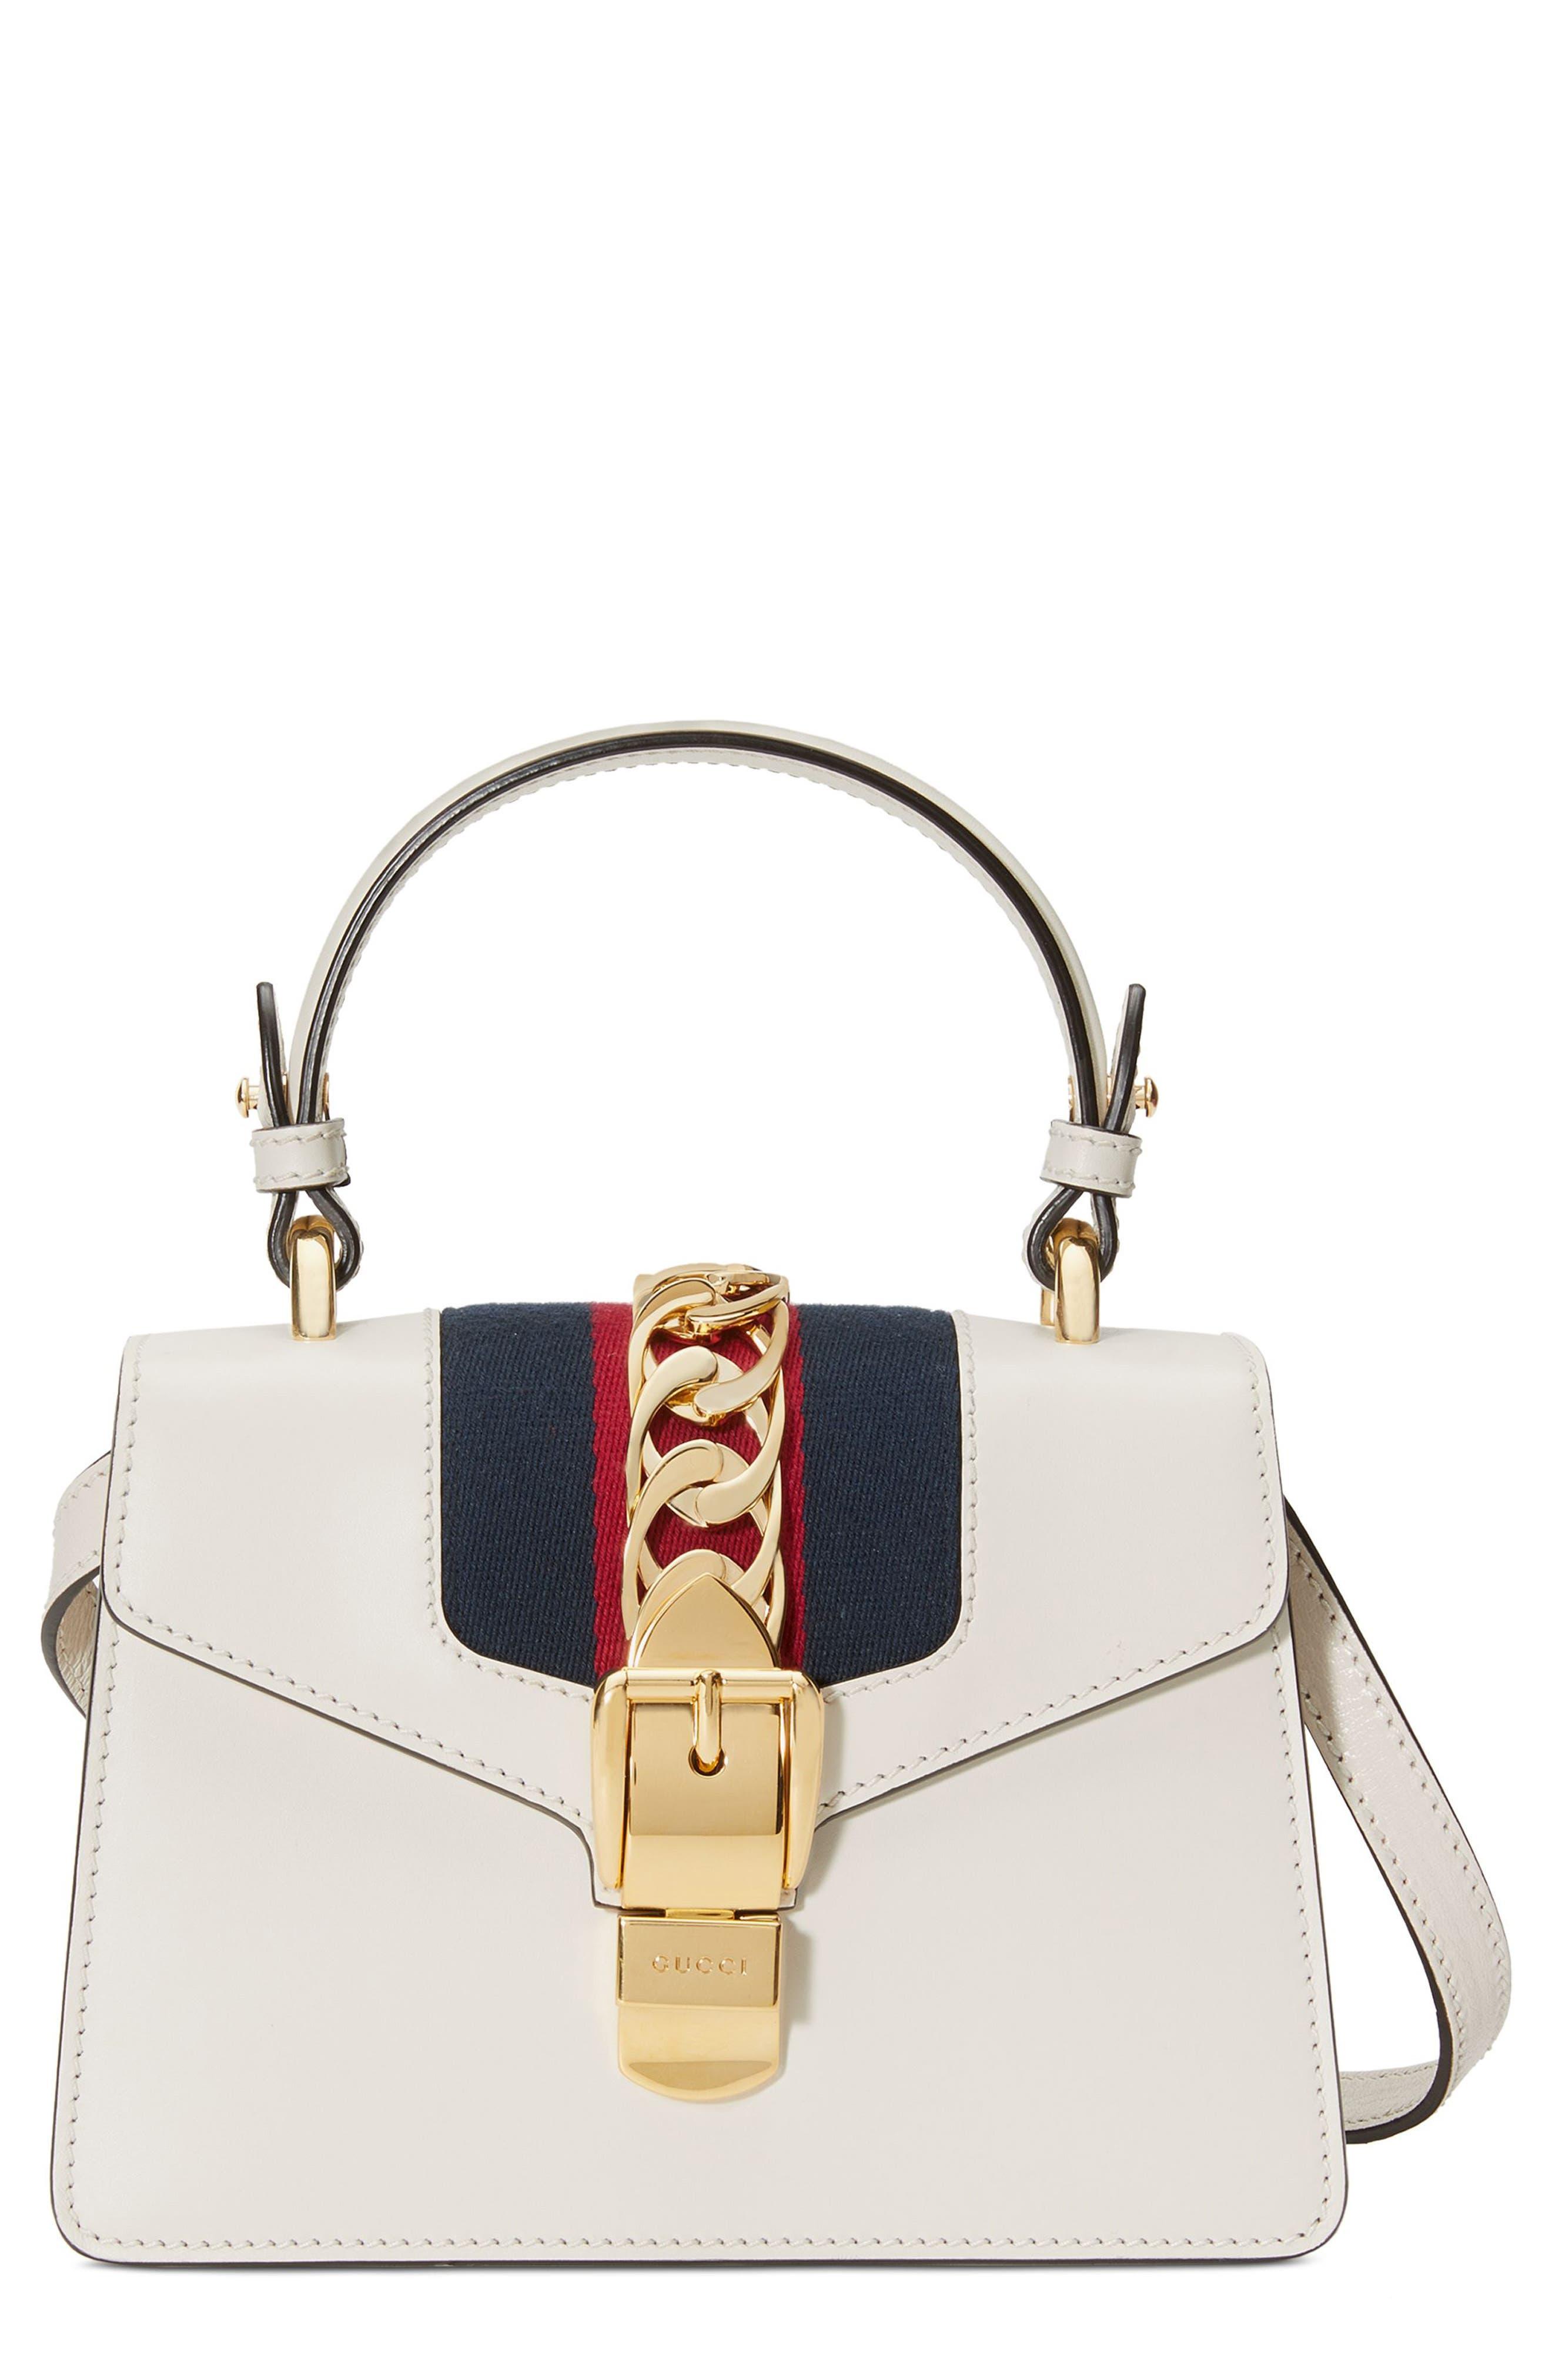 GUCCI, Mini Sylvie Top Handle Leather Shoulder Bag, Main thumbnail 1, color, MYSTIC WHITE